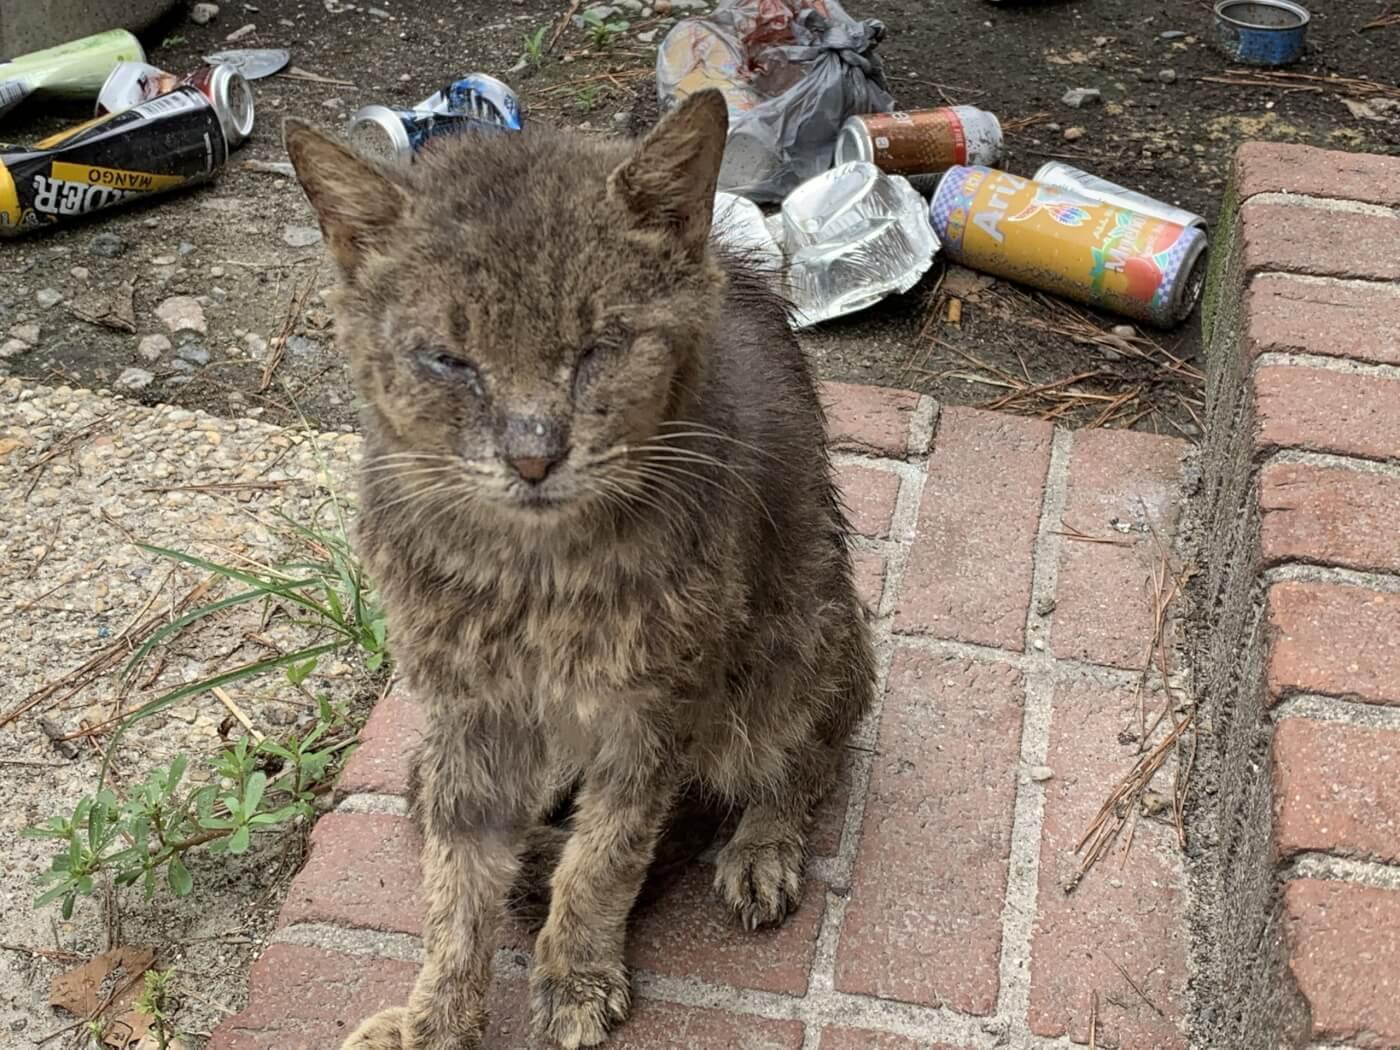 senior cat suffering before euthanasia